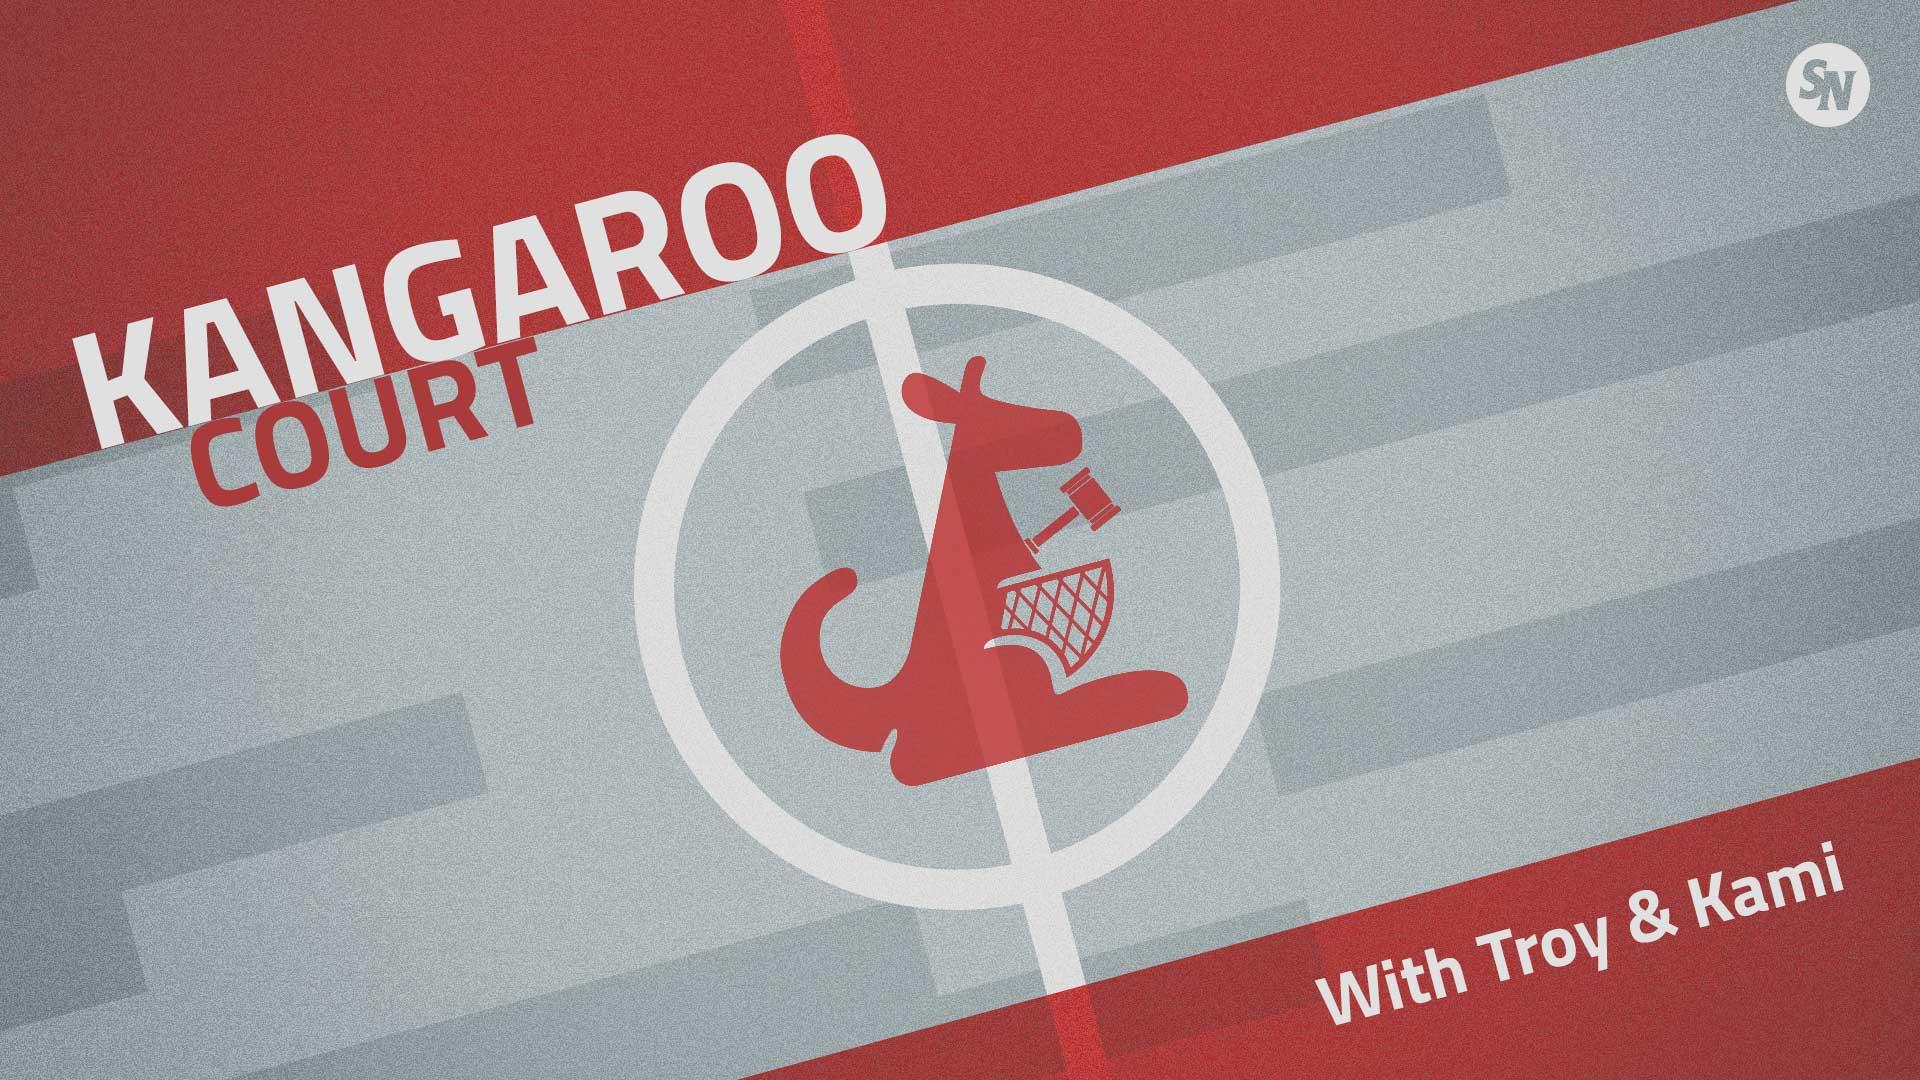 kangaroo-court-podcast-ftr-paul-howe